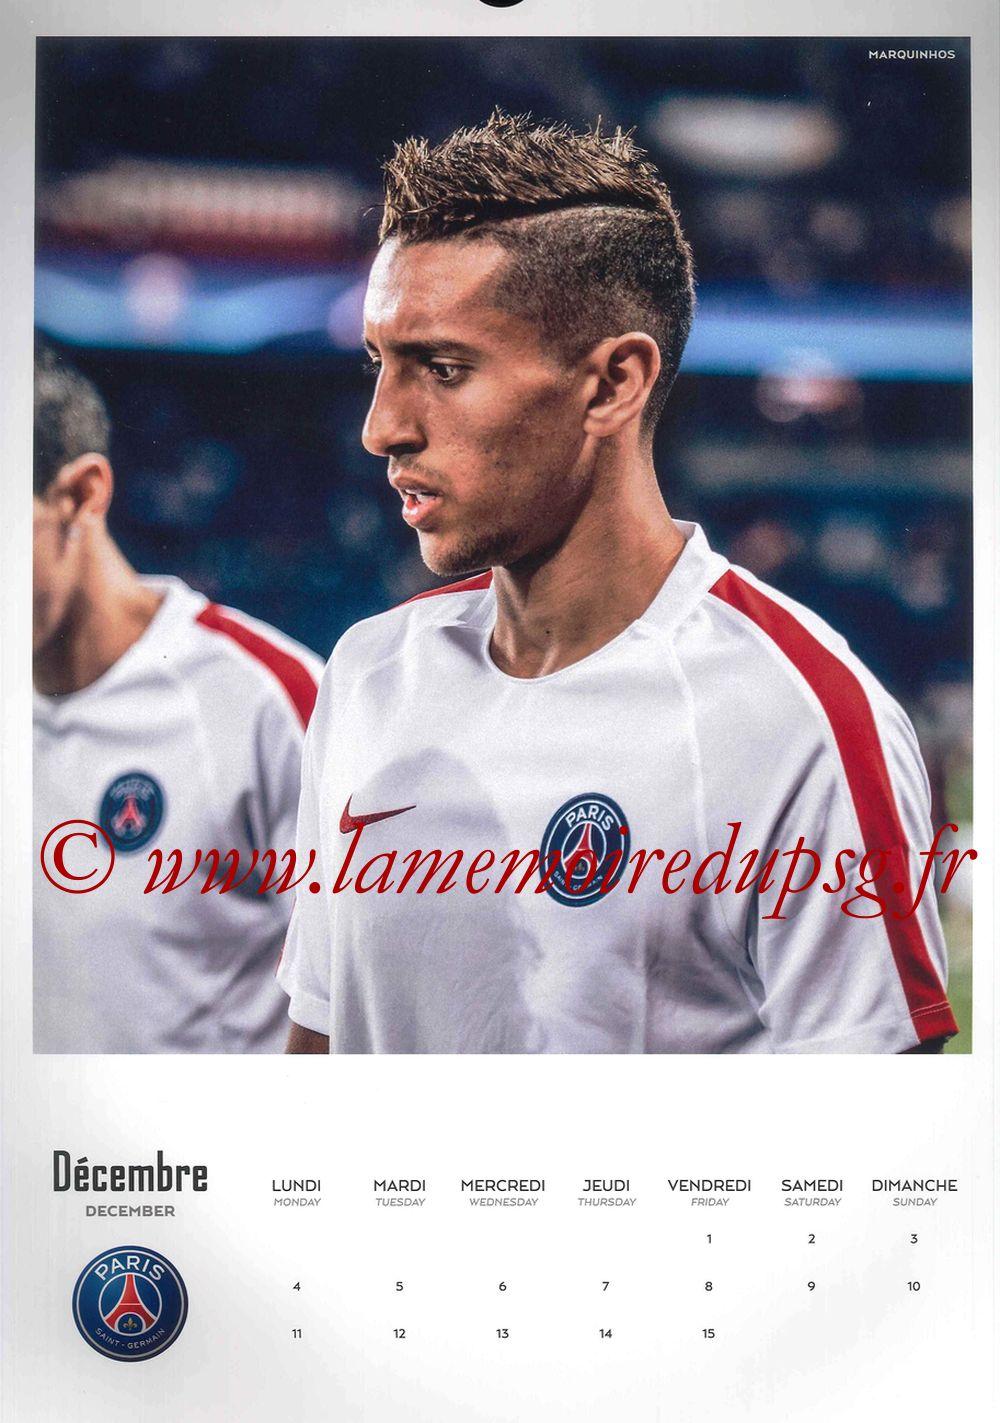 Calendrier PSG 2017 - Page 23 - MARQUINHOS